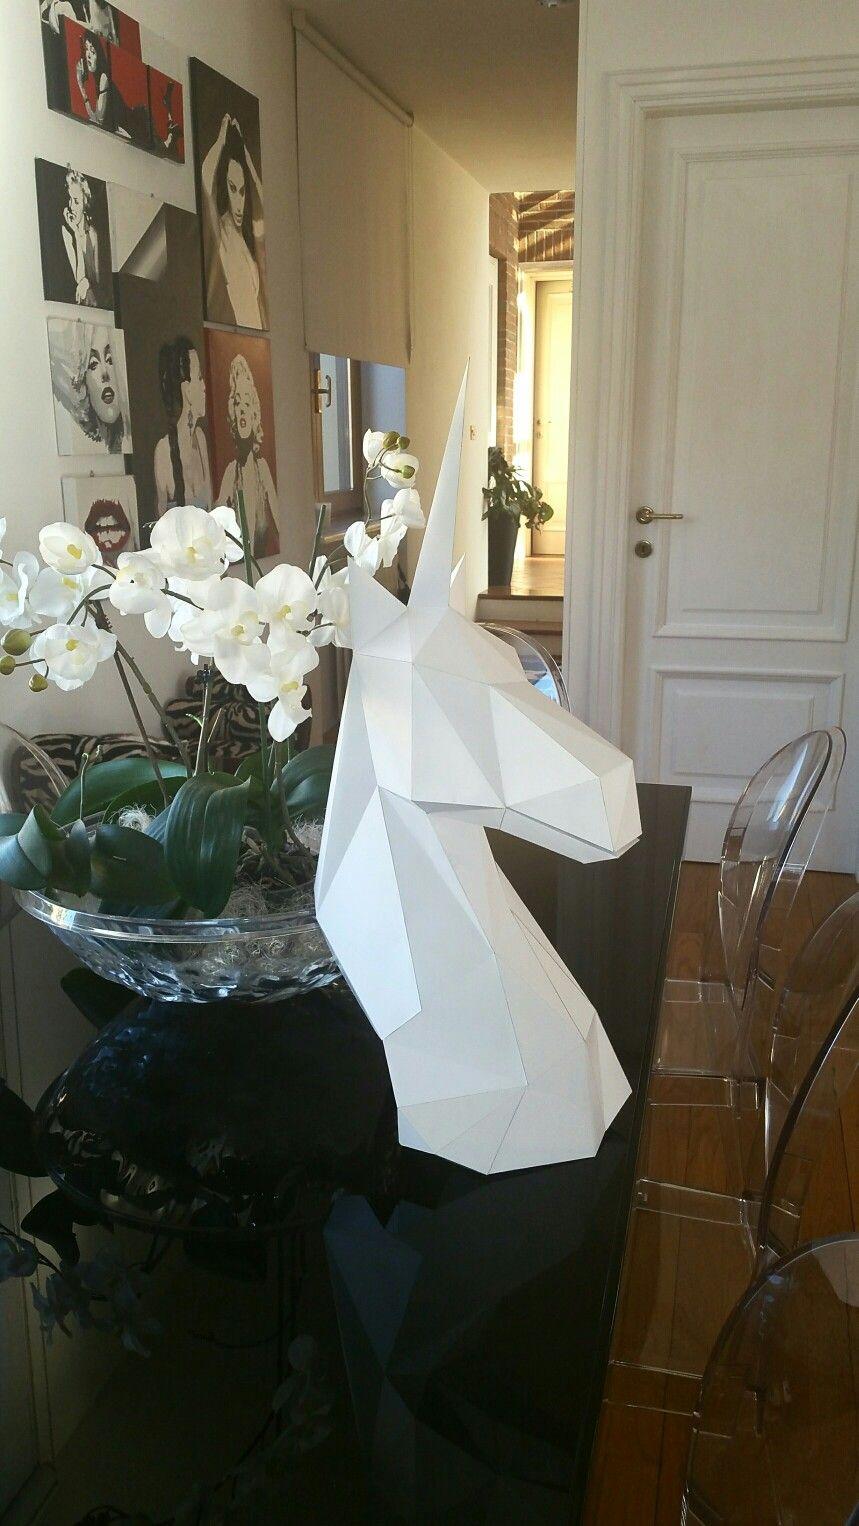 Papercraft 3D